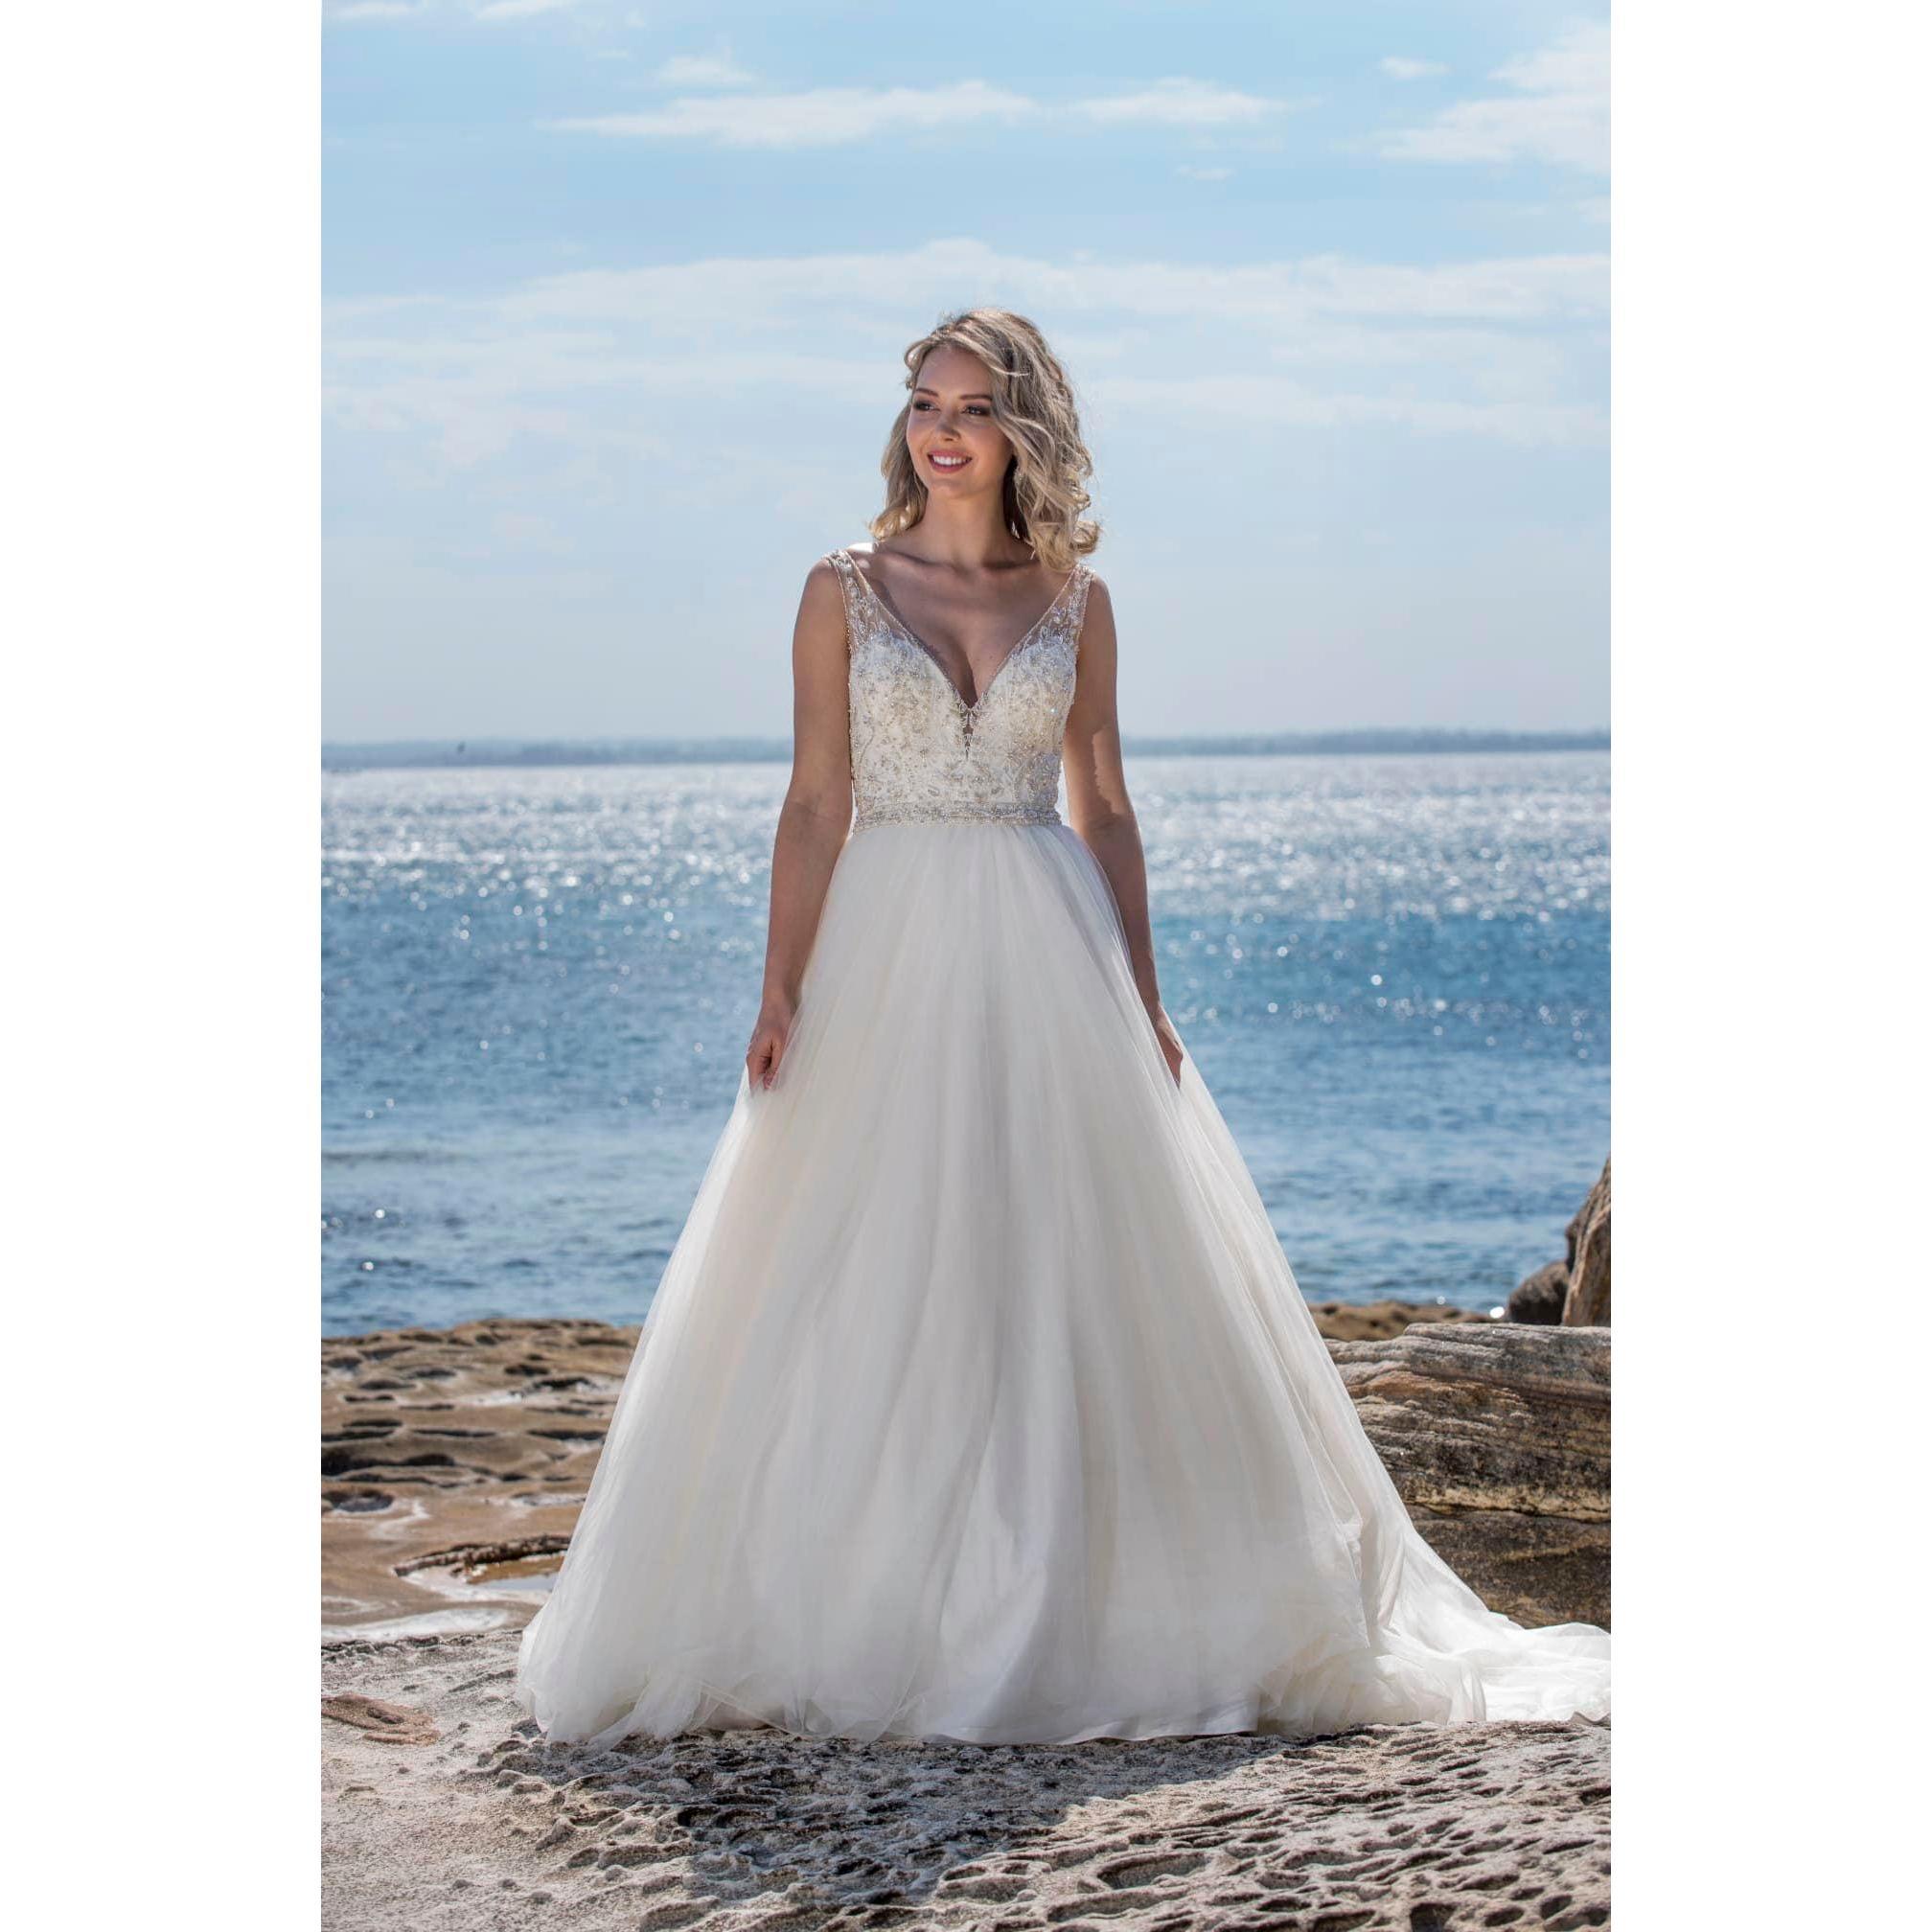 Platinum Brides Ltd Birmingham 01217 337309